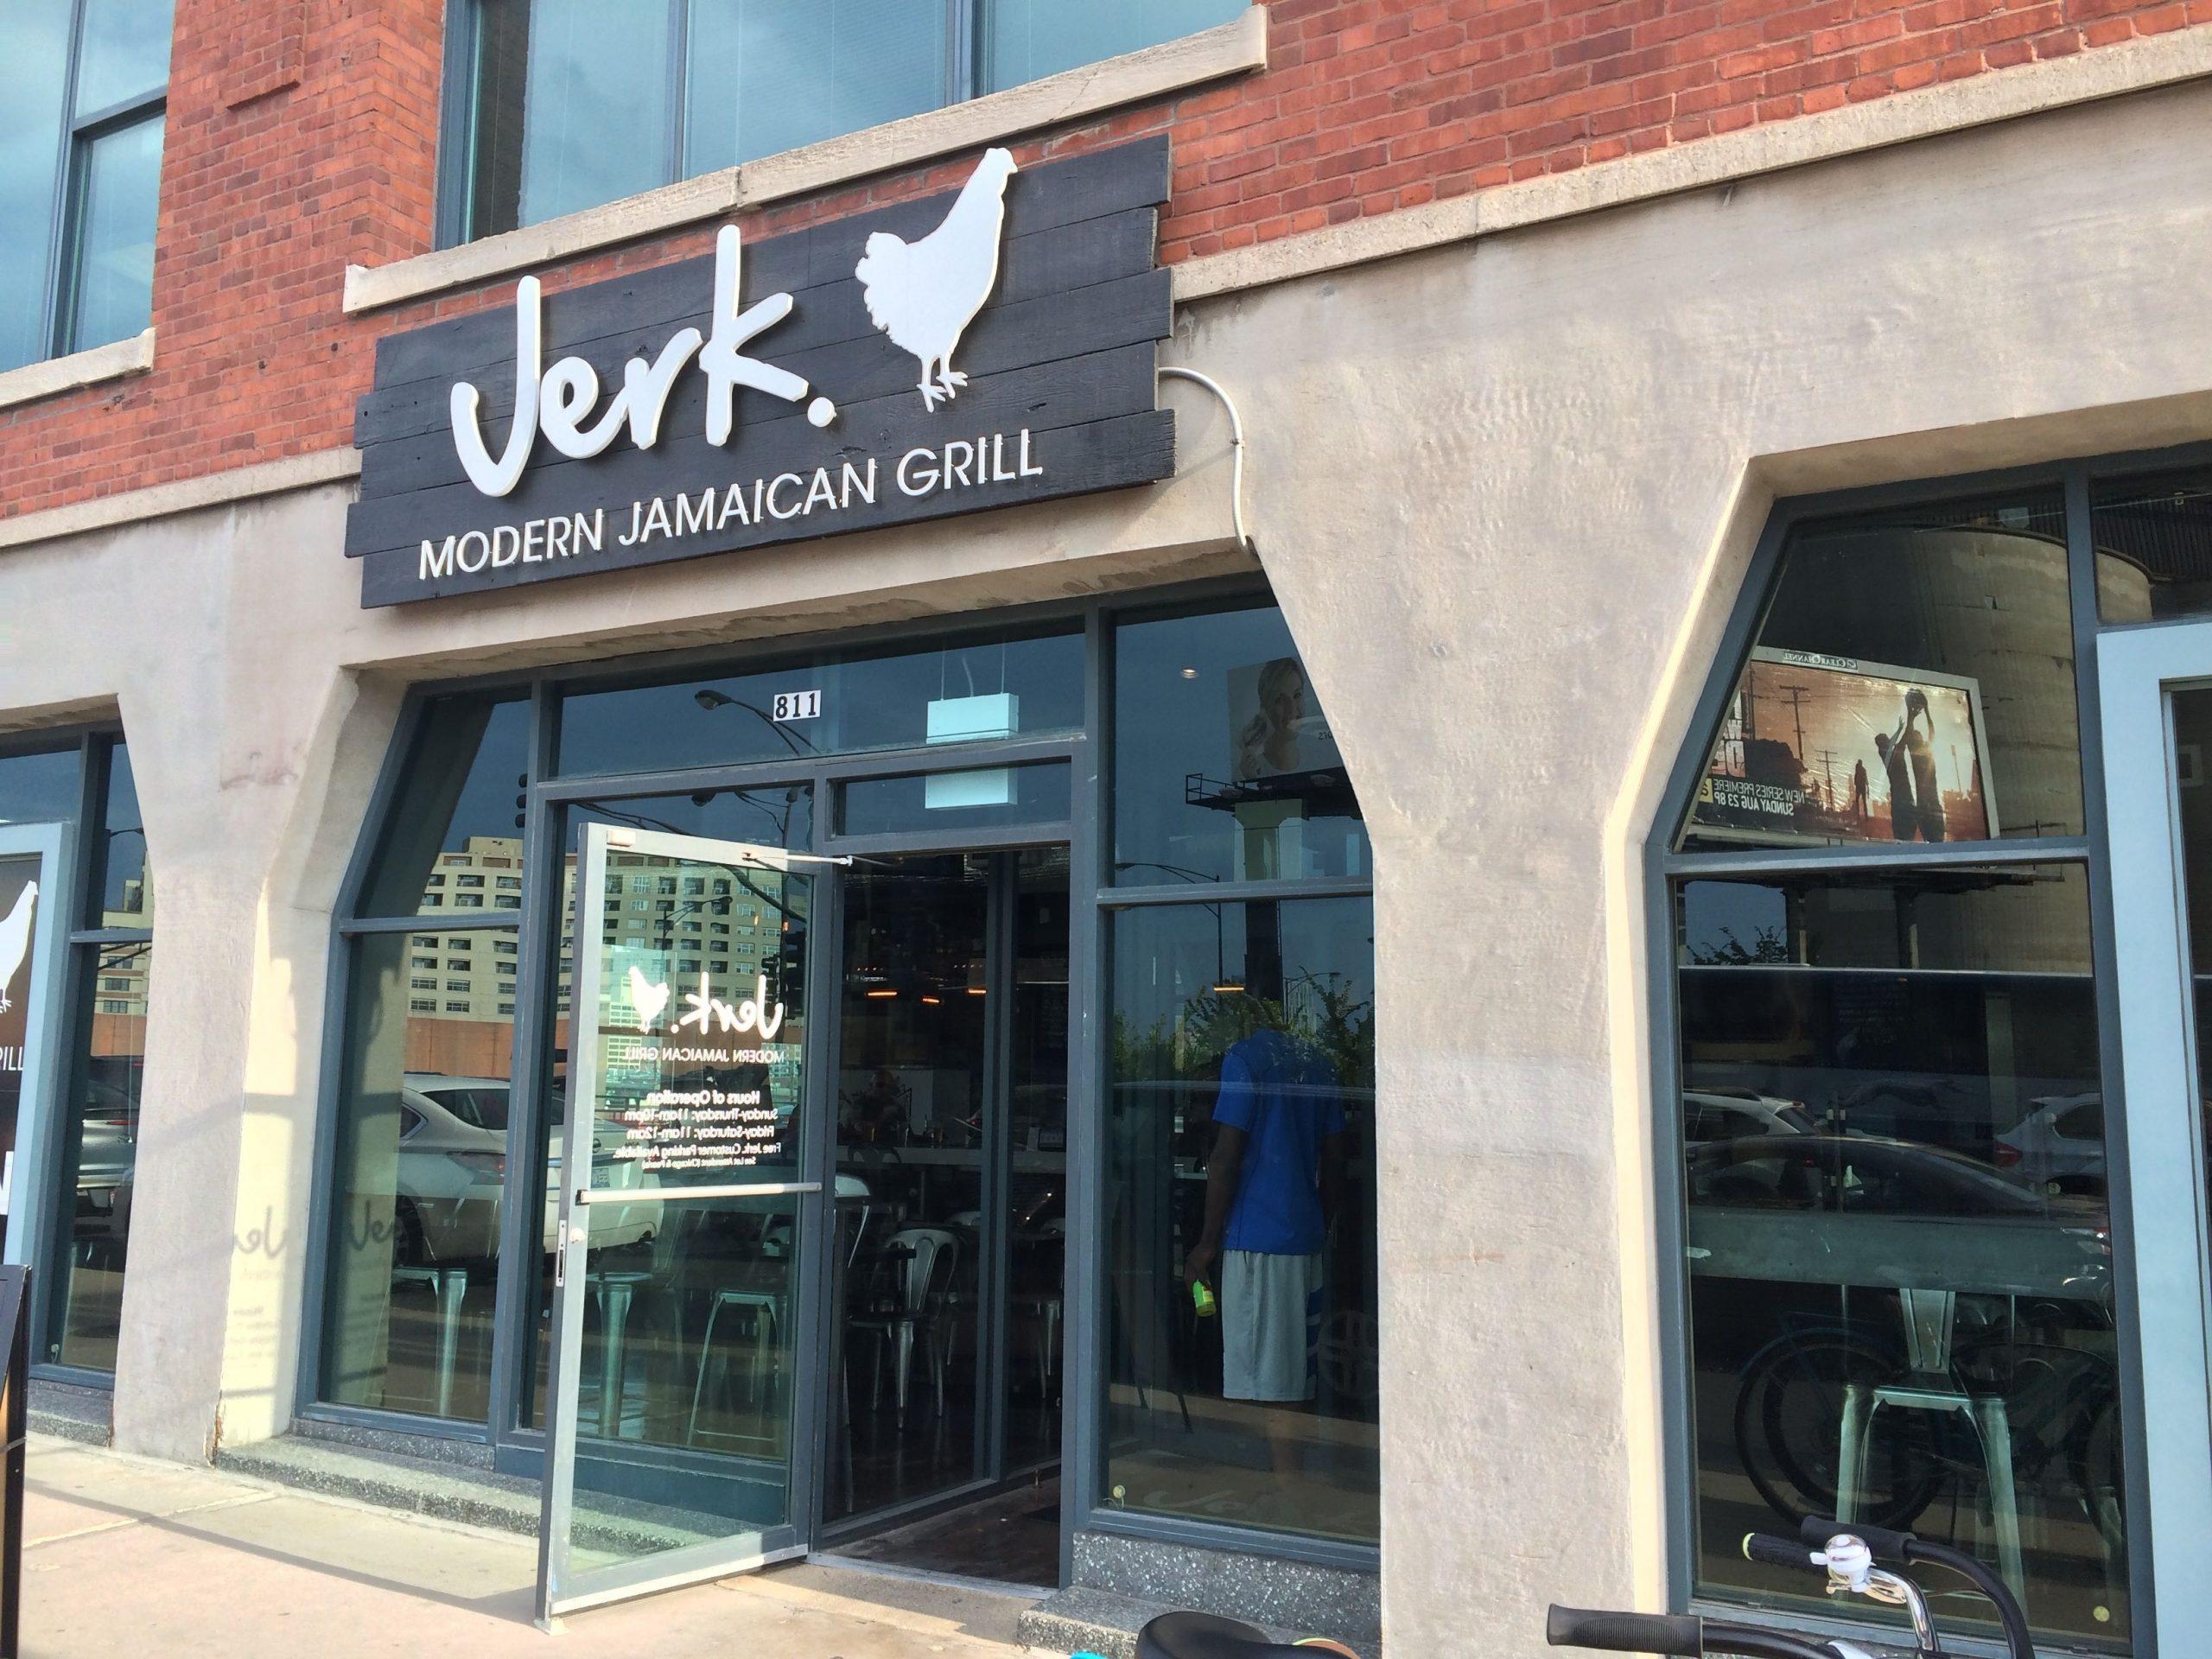 Jerk Modern Jamaican Grill